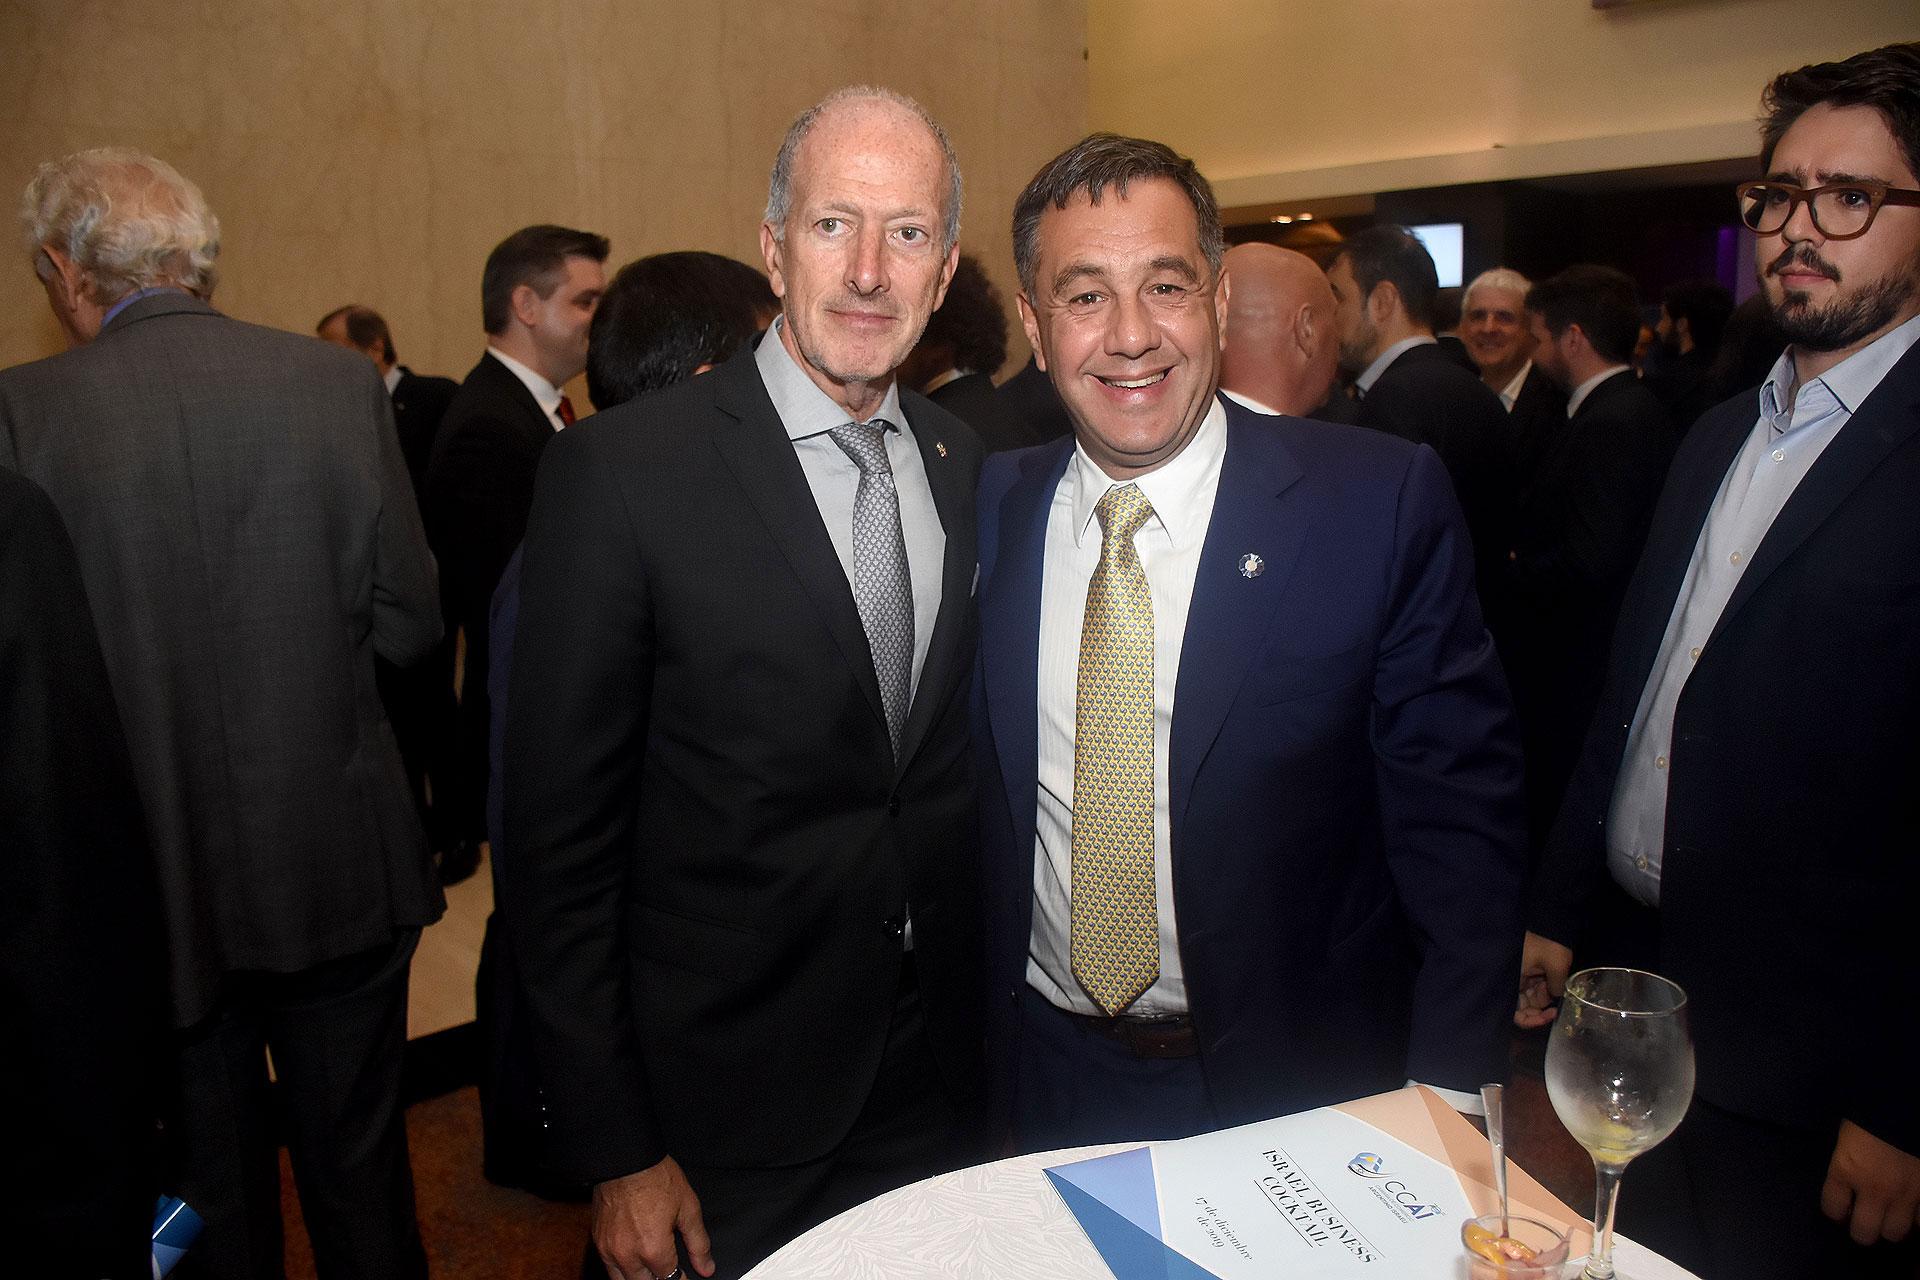 Jorge Knoblovits, presidente de la DAIA, y Alejandro Finocchiaro, ex ministro de Educación, Cultura, Ciencia y Tecnología